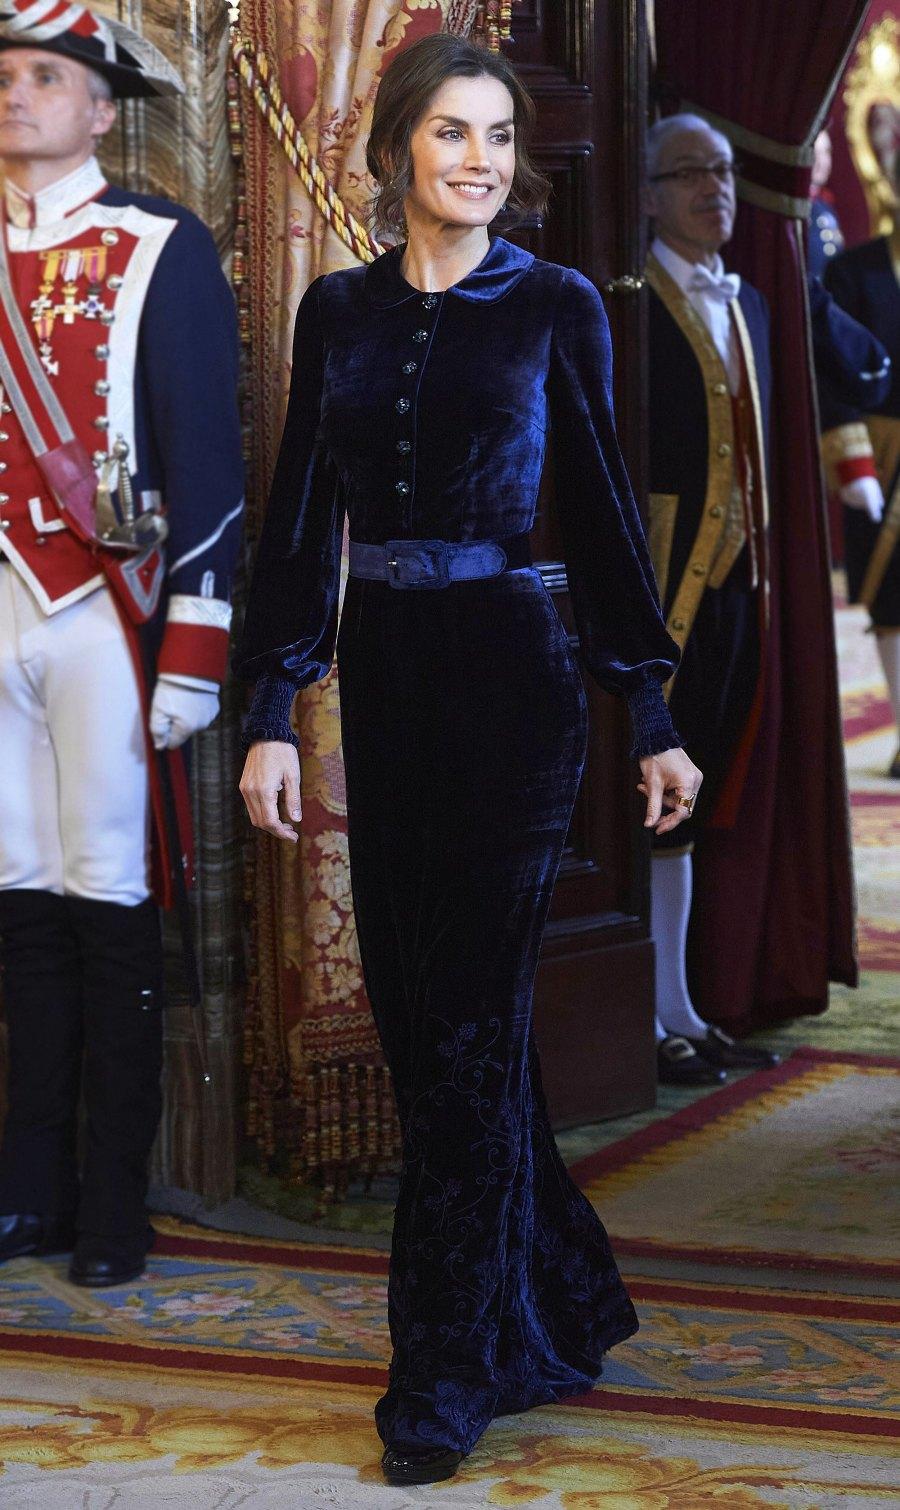 Queen Letizia Velvet Dress February 5, 2020